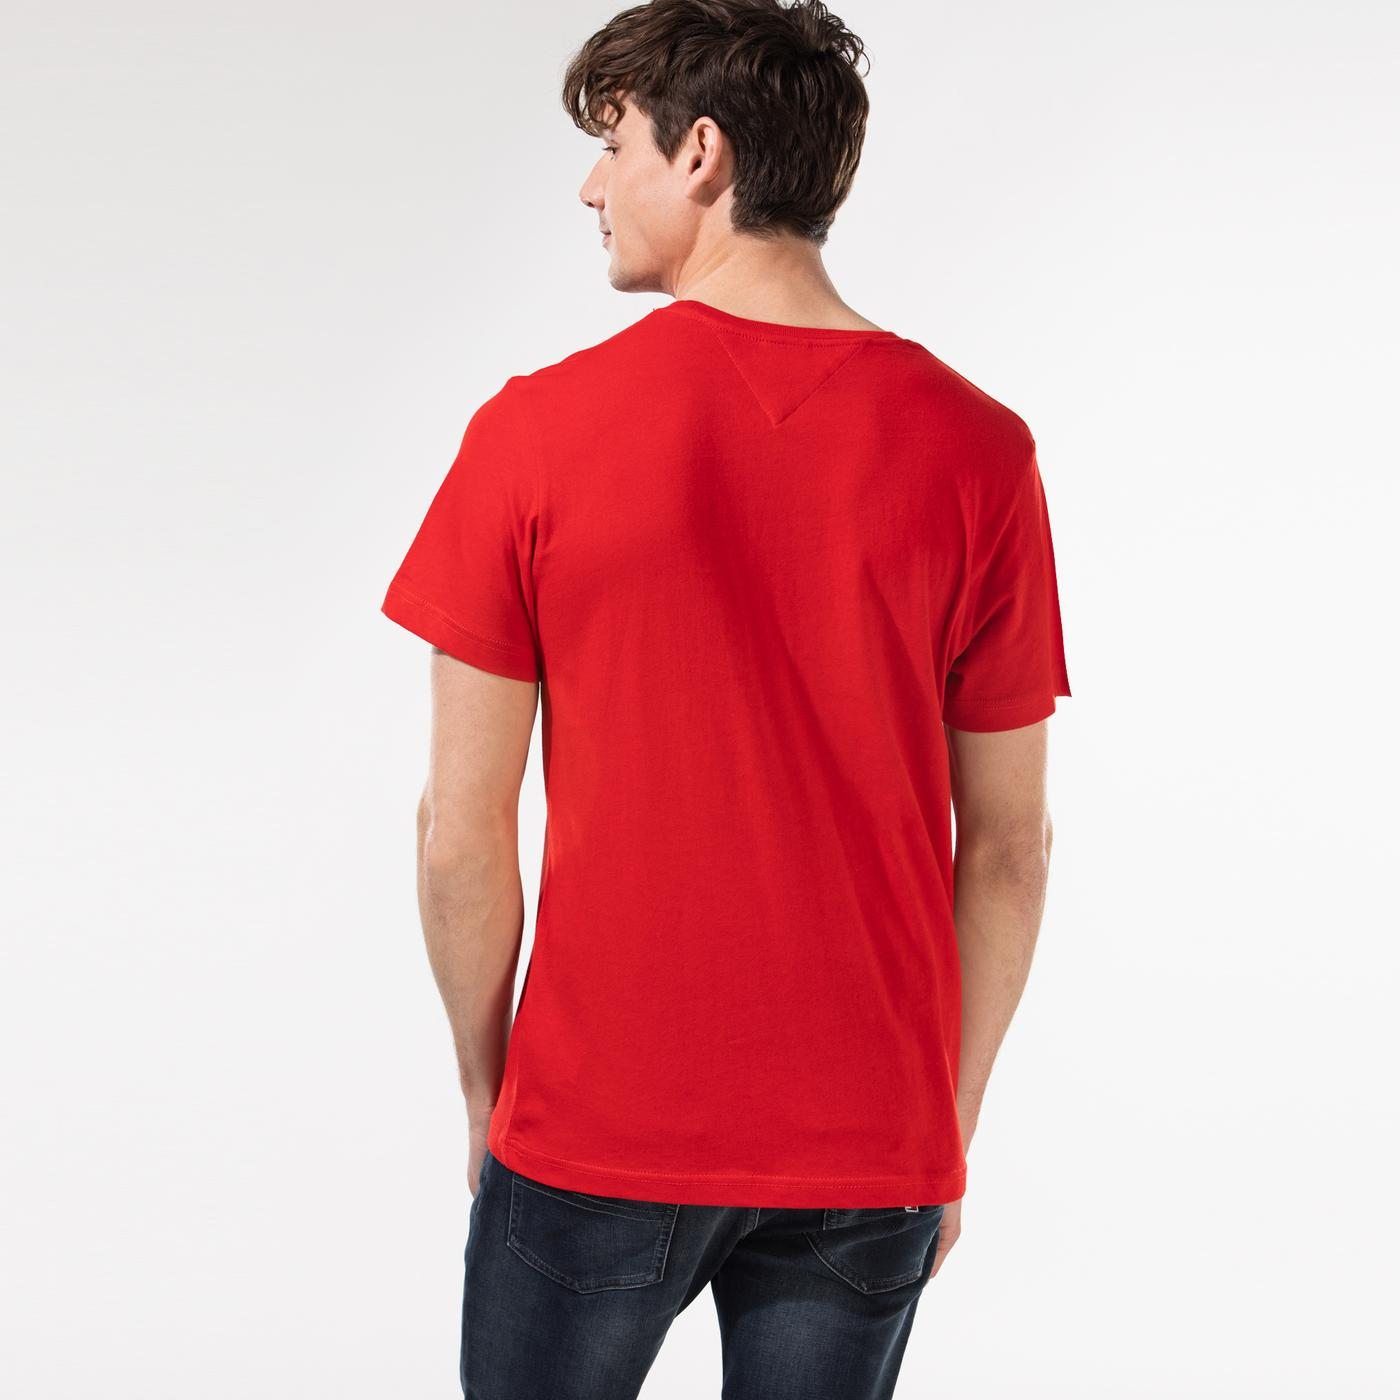 Tommy Hilfiger TJM Corp Logo Erkek Kırmızı T-Shirt